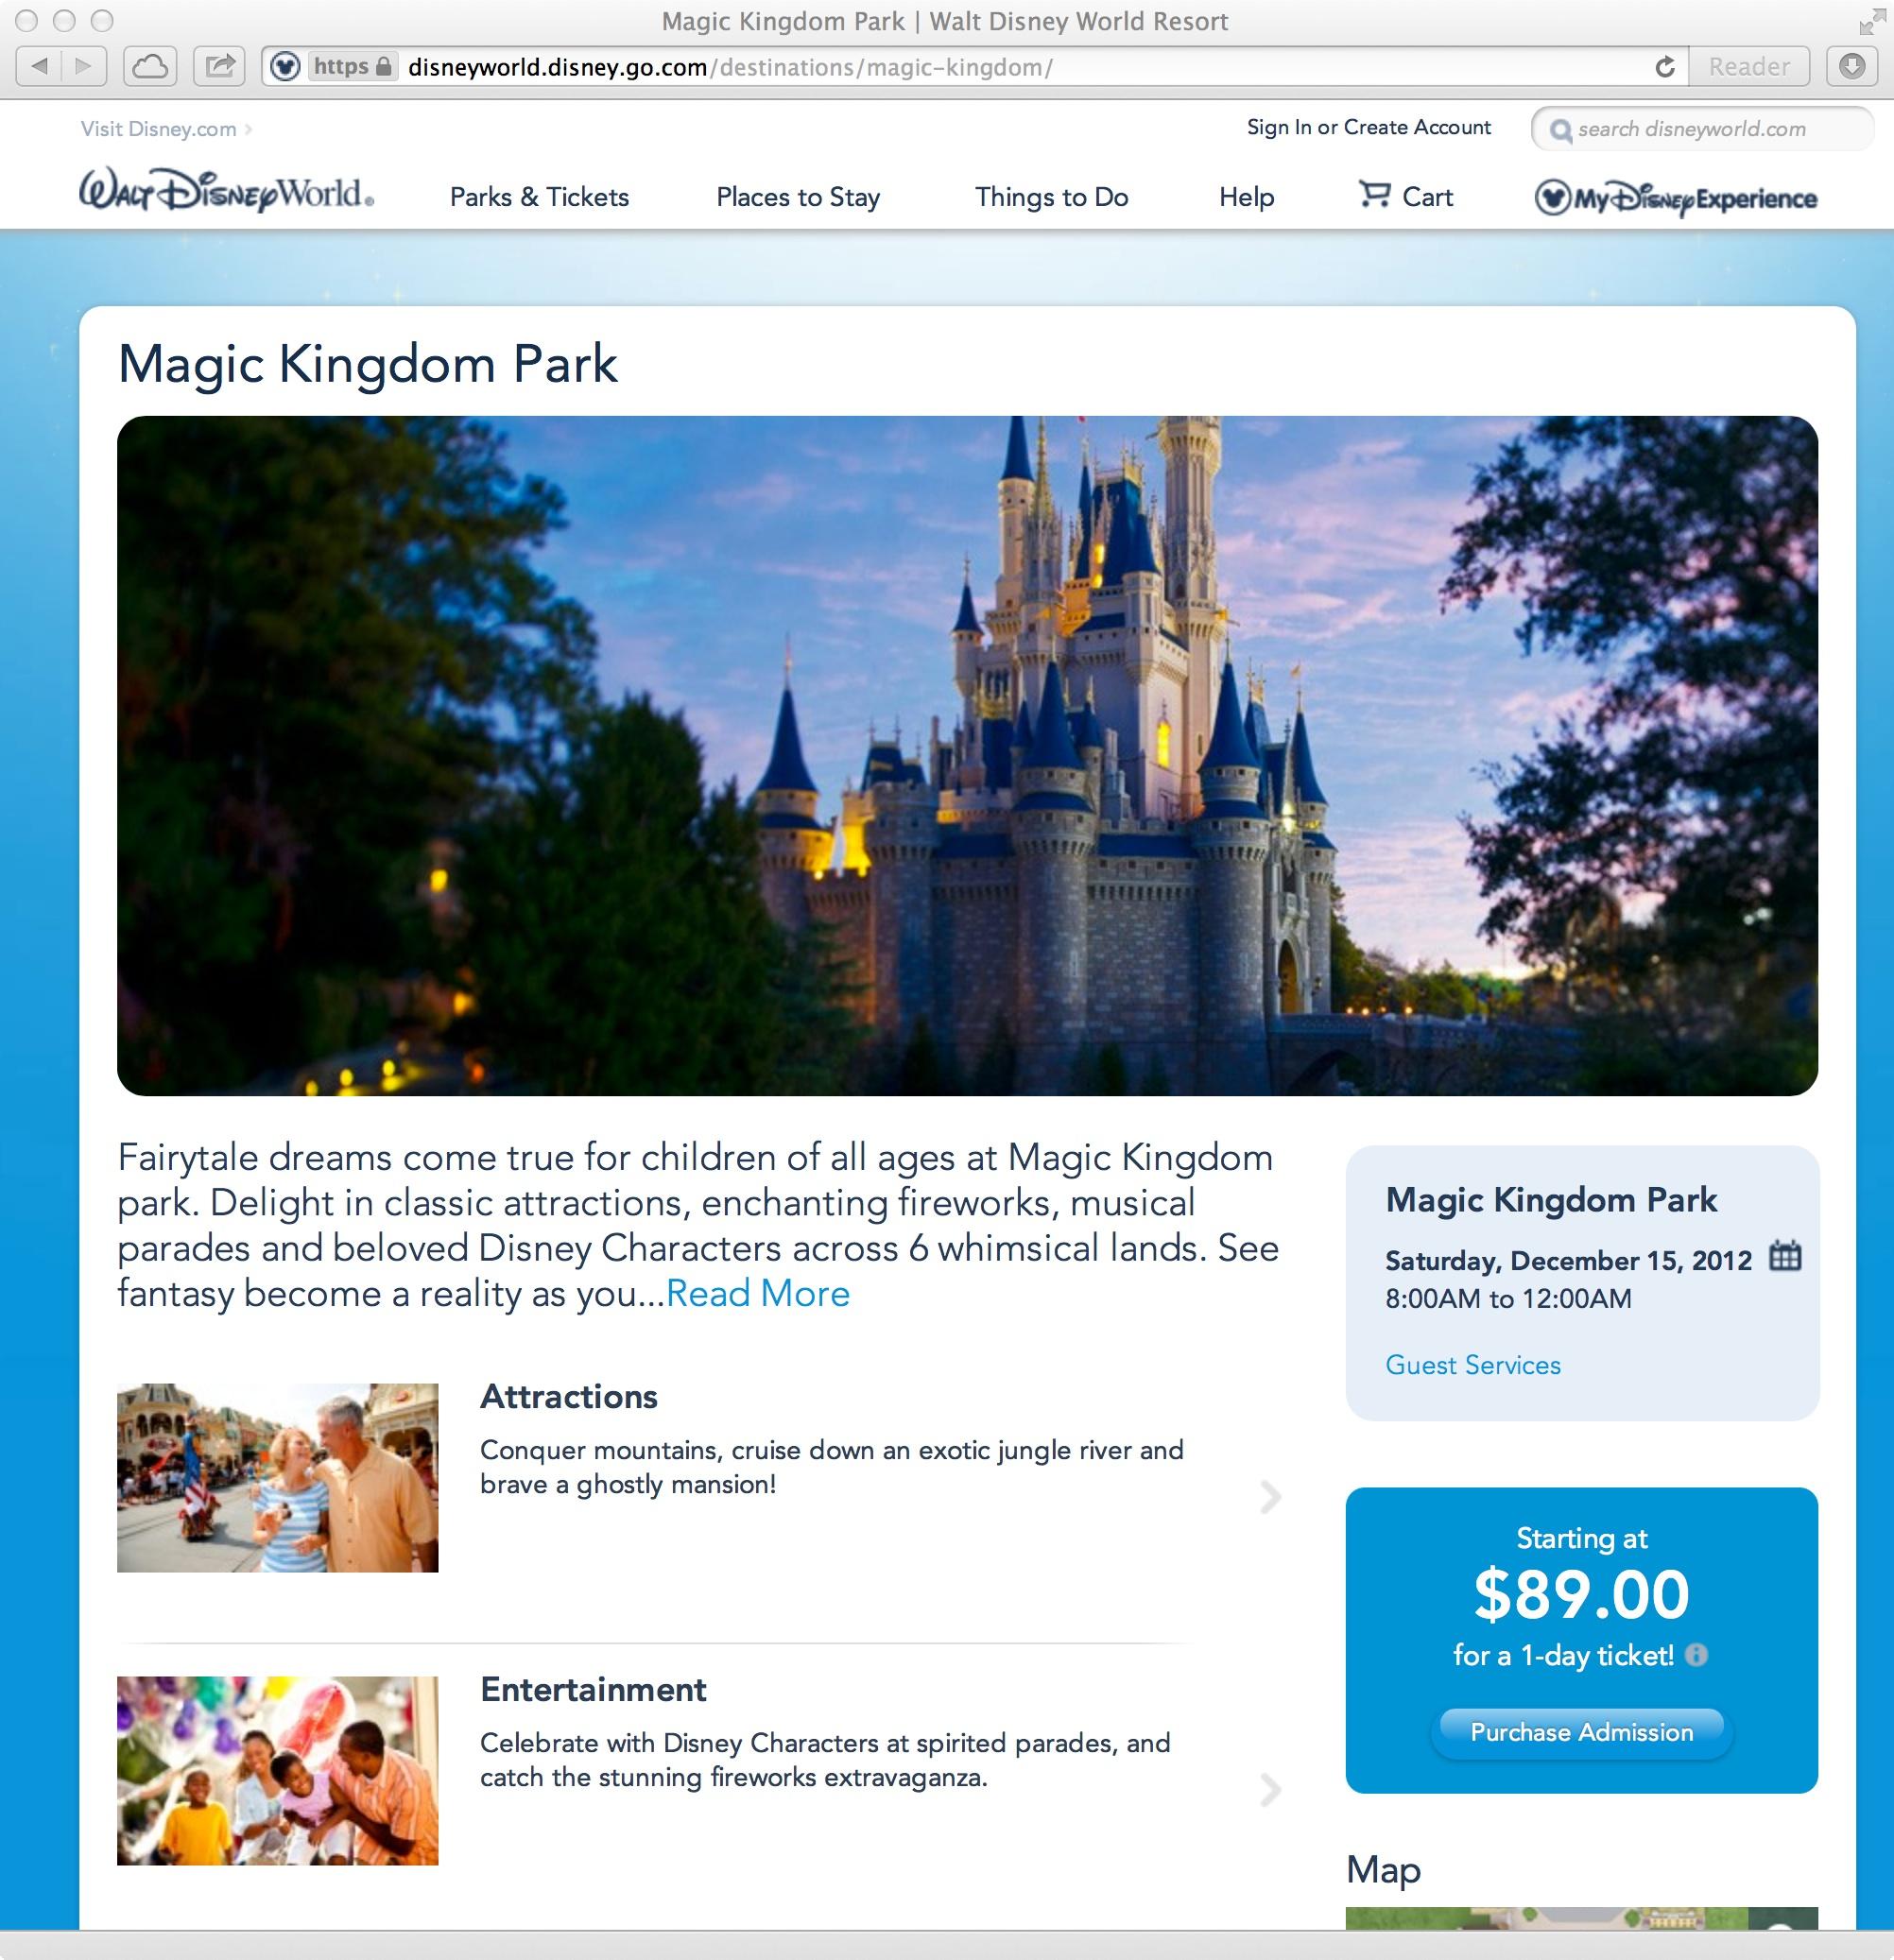 New official Walt DIsney World website